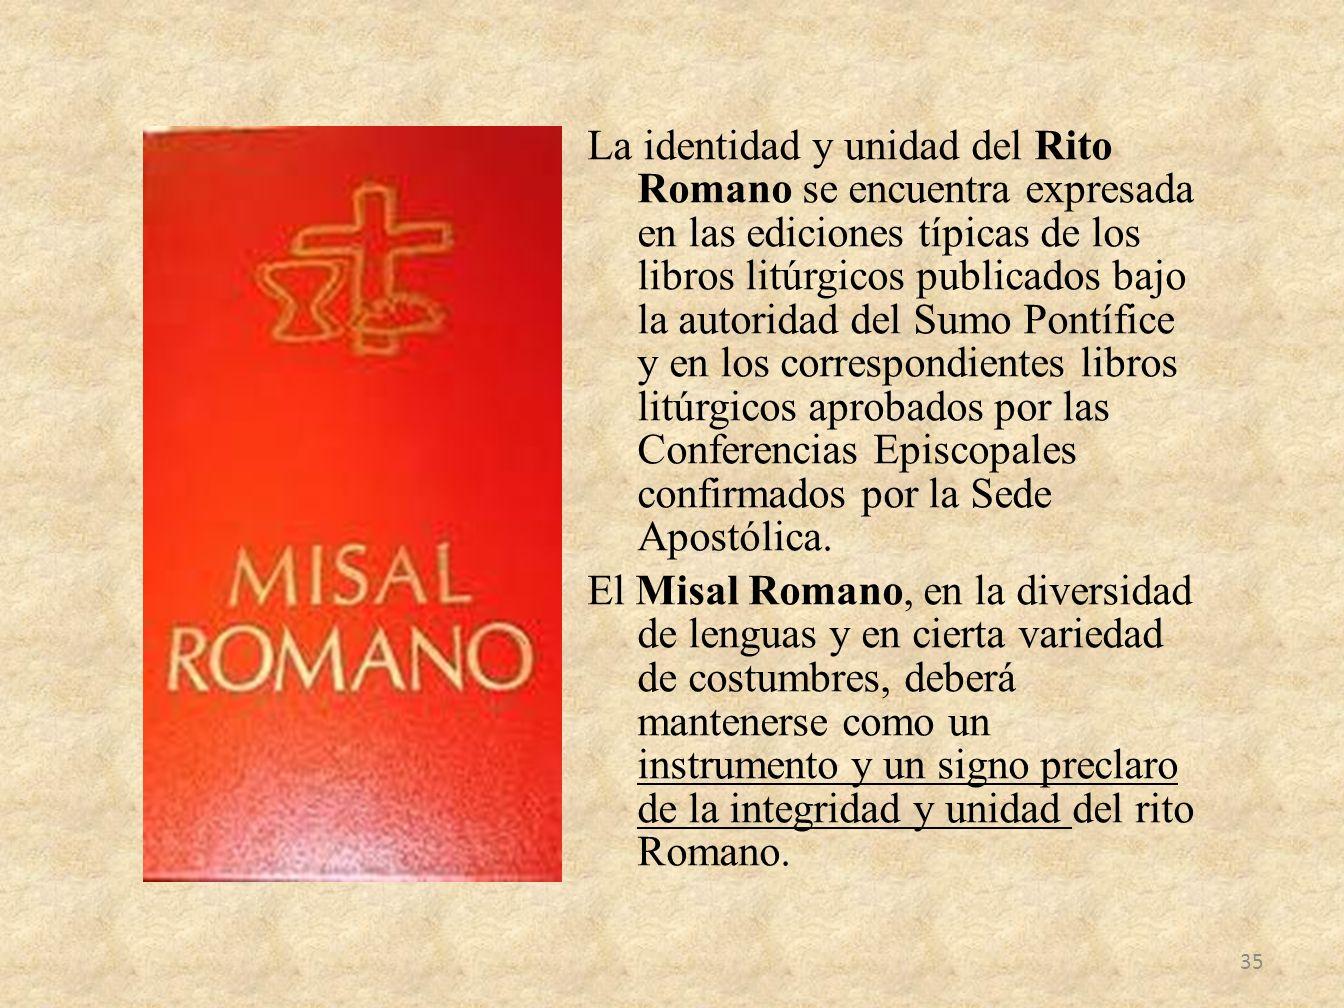 La identidad y unidad del Rito Romano se encuentra expresada en las ediciones típicas de los libros litúrgicos publicados bajo la autoridad del Sumo Pontífice y en los correspondientes libros litúrgicos aprobados por las Conferencias Episcopales confirmados por la Sede Apostólica.